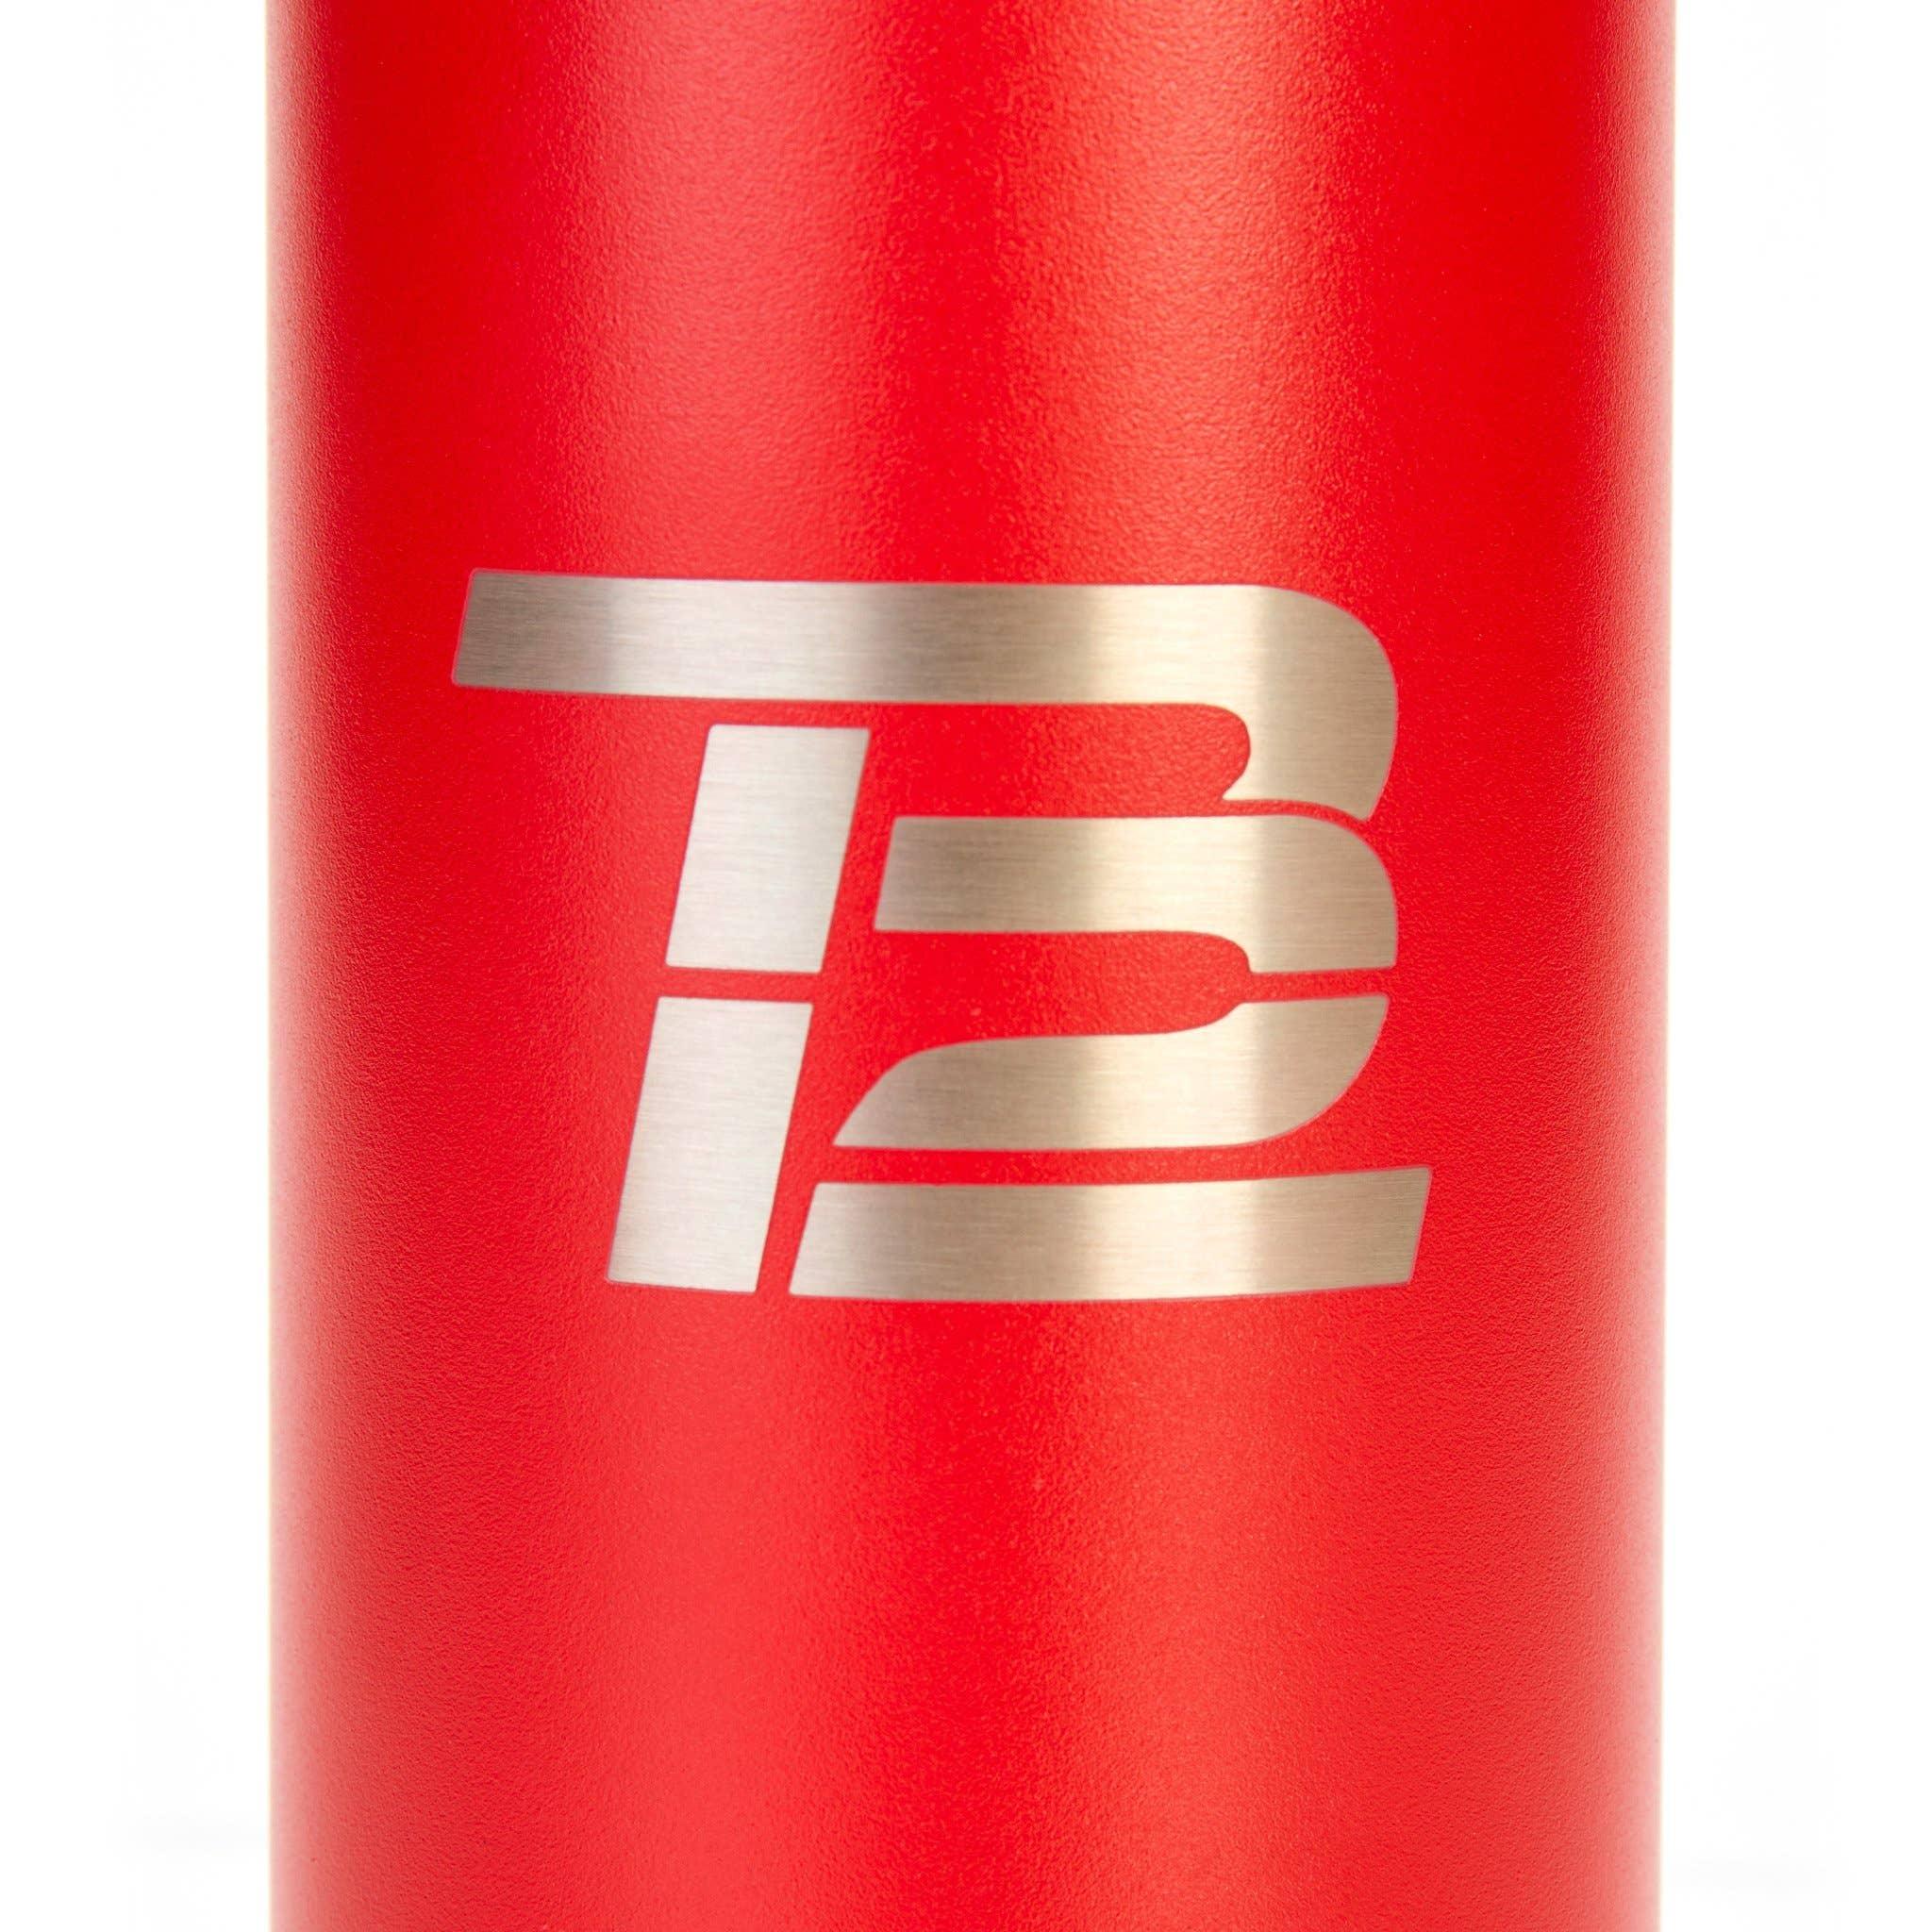 TB12™ Water Bottle logo